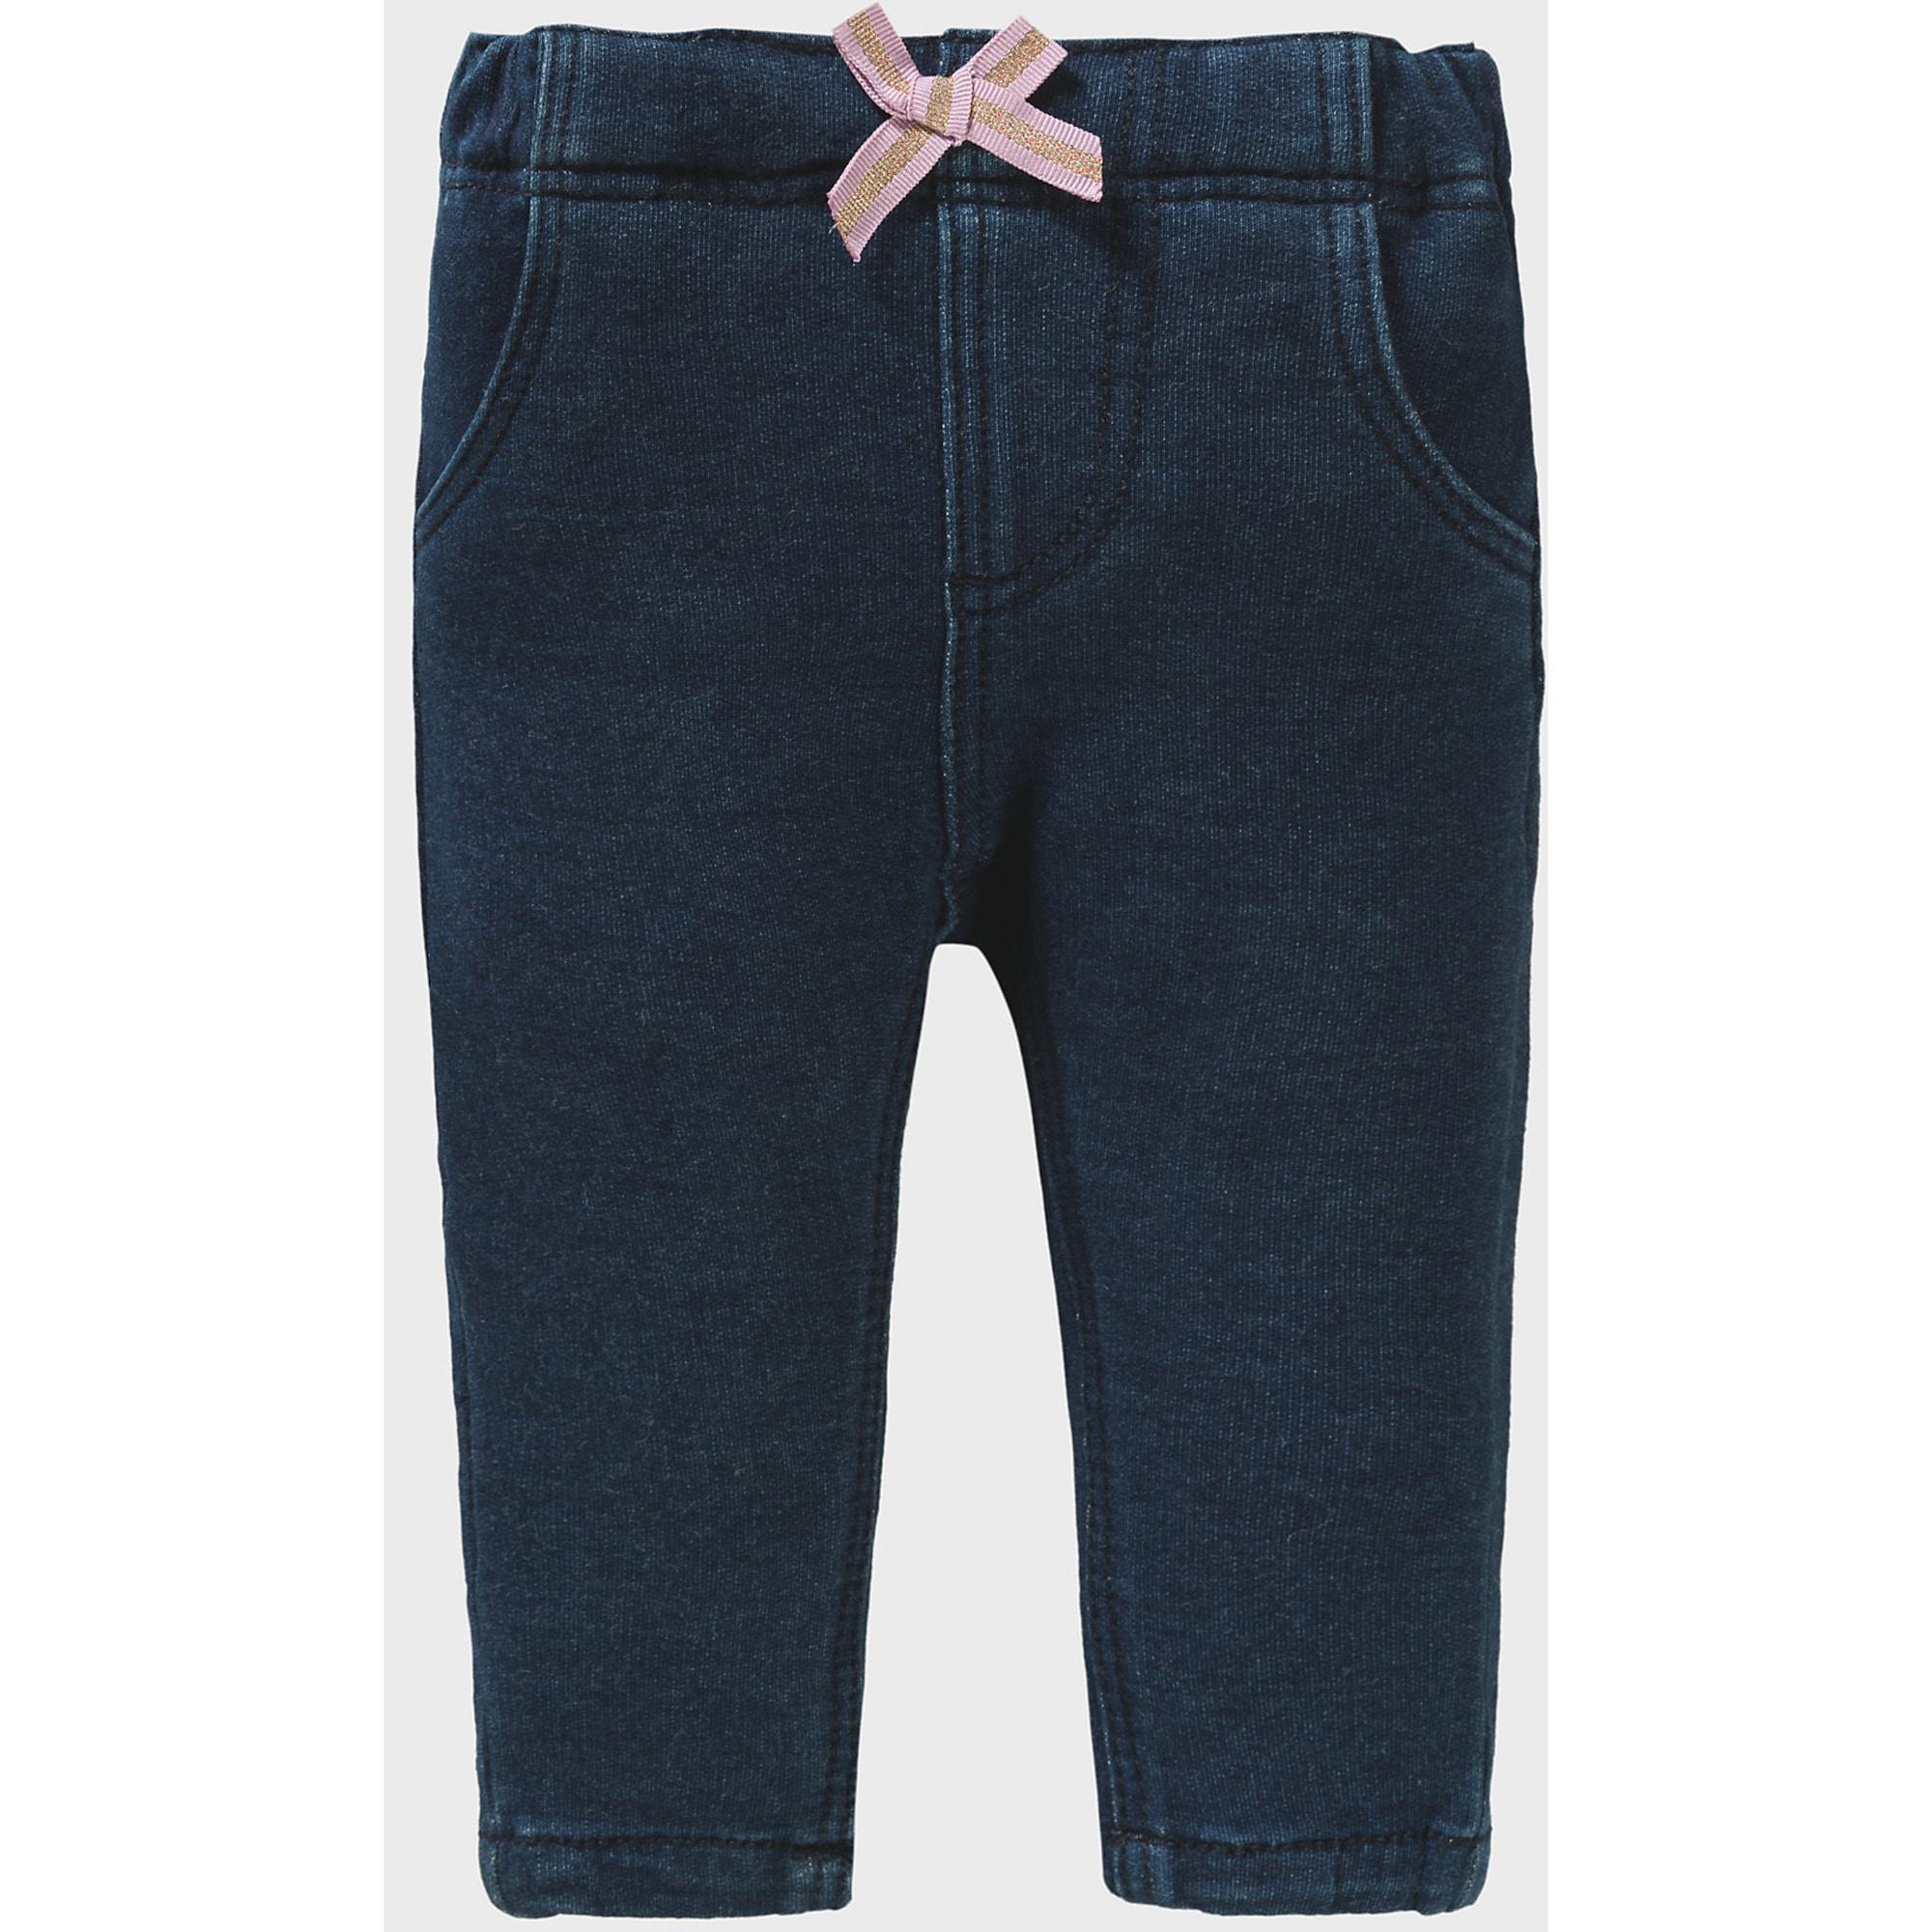 Name It sweatdenim legging (va.50)